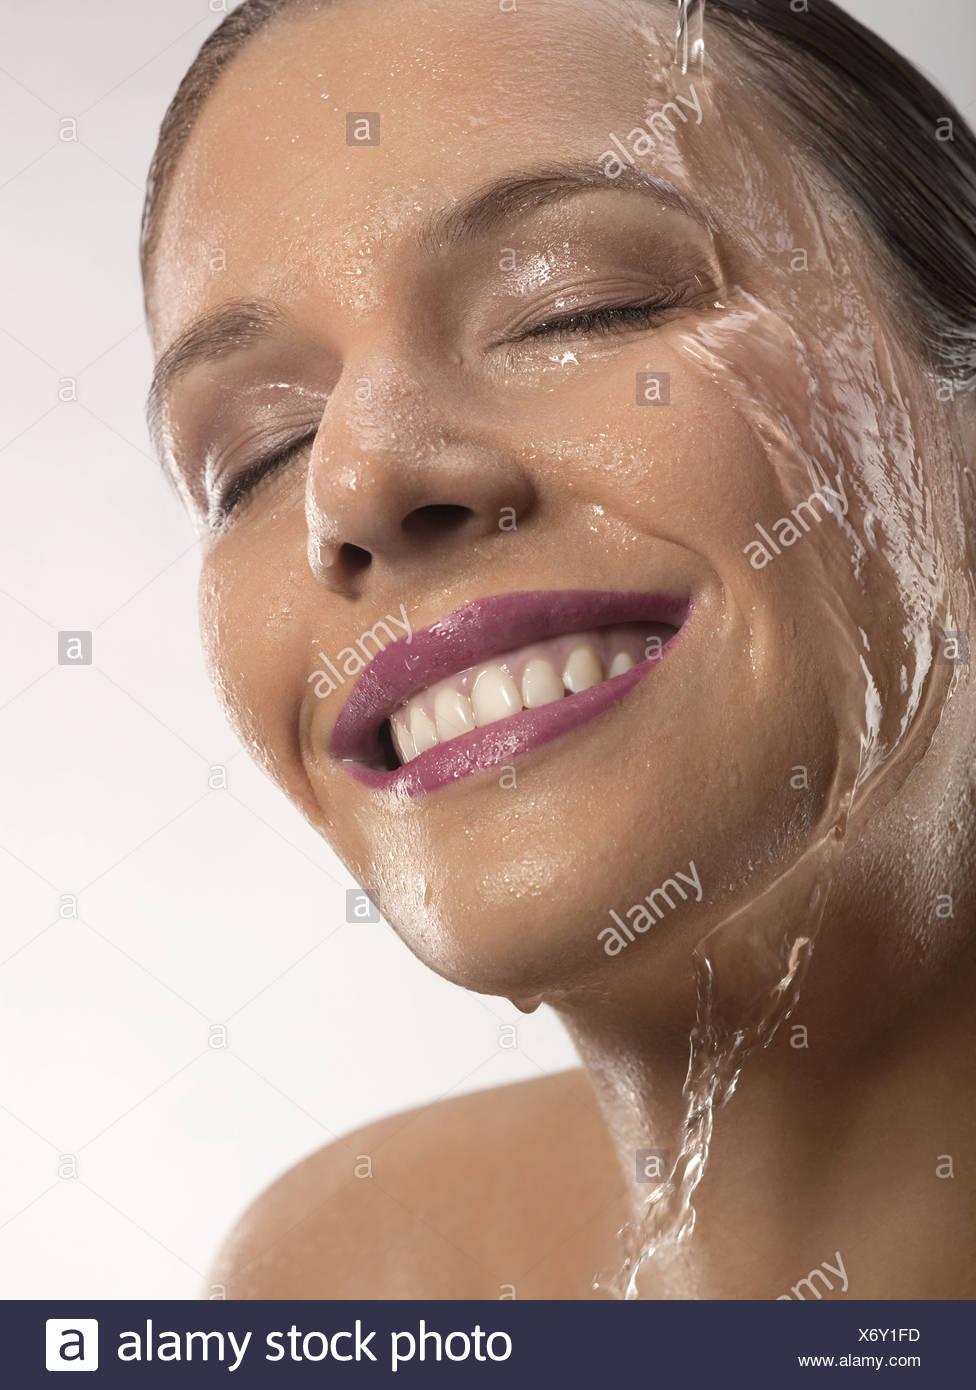 Jeune femme heureuse avec de l'eau en marche sur la tête, studio shot Photo Stock